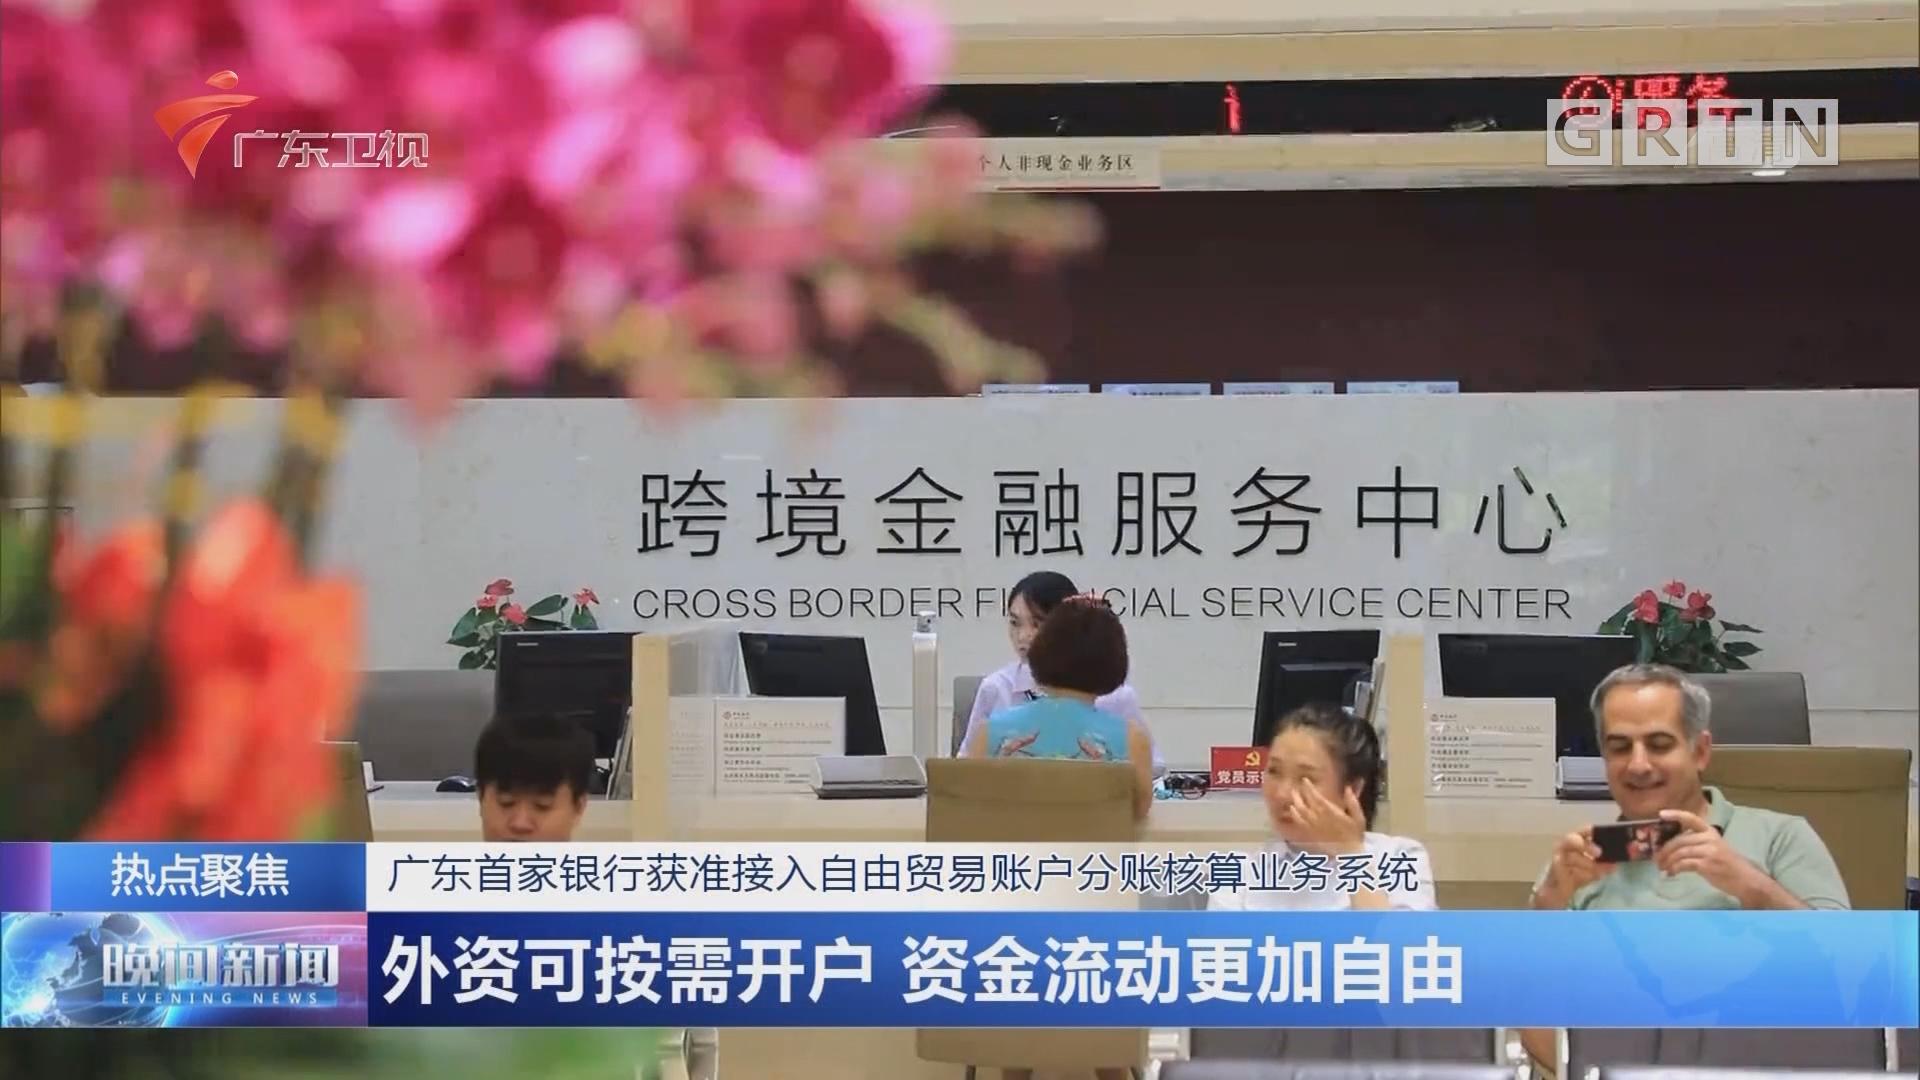 广东首家银行获准接入自由贸易账户分账核算业务系统 外资可按需开户 资金流动更加自由